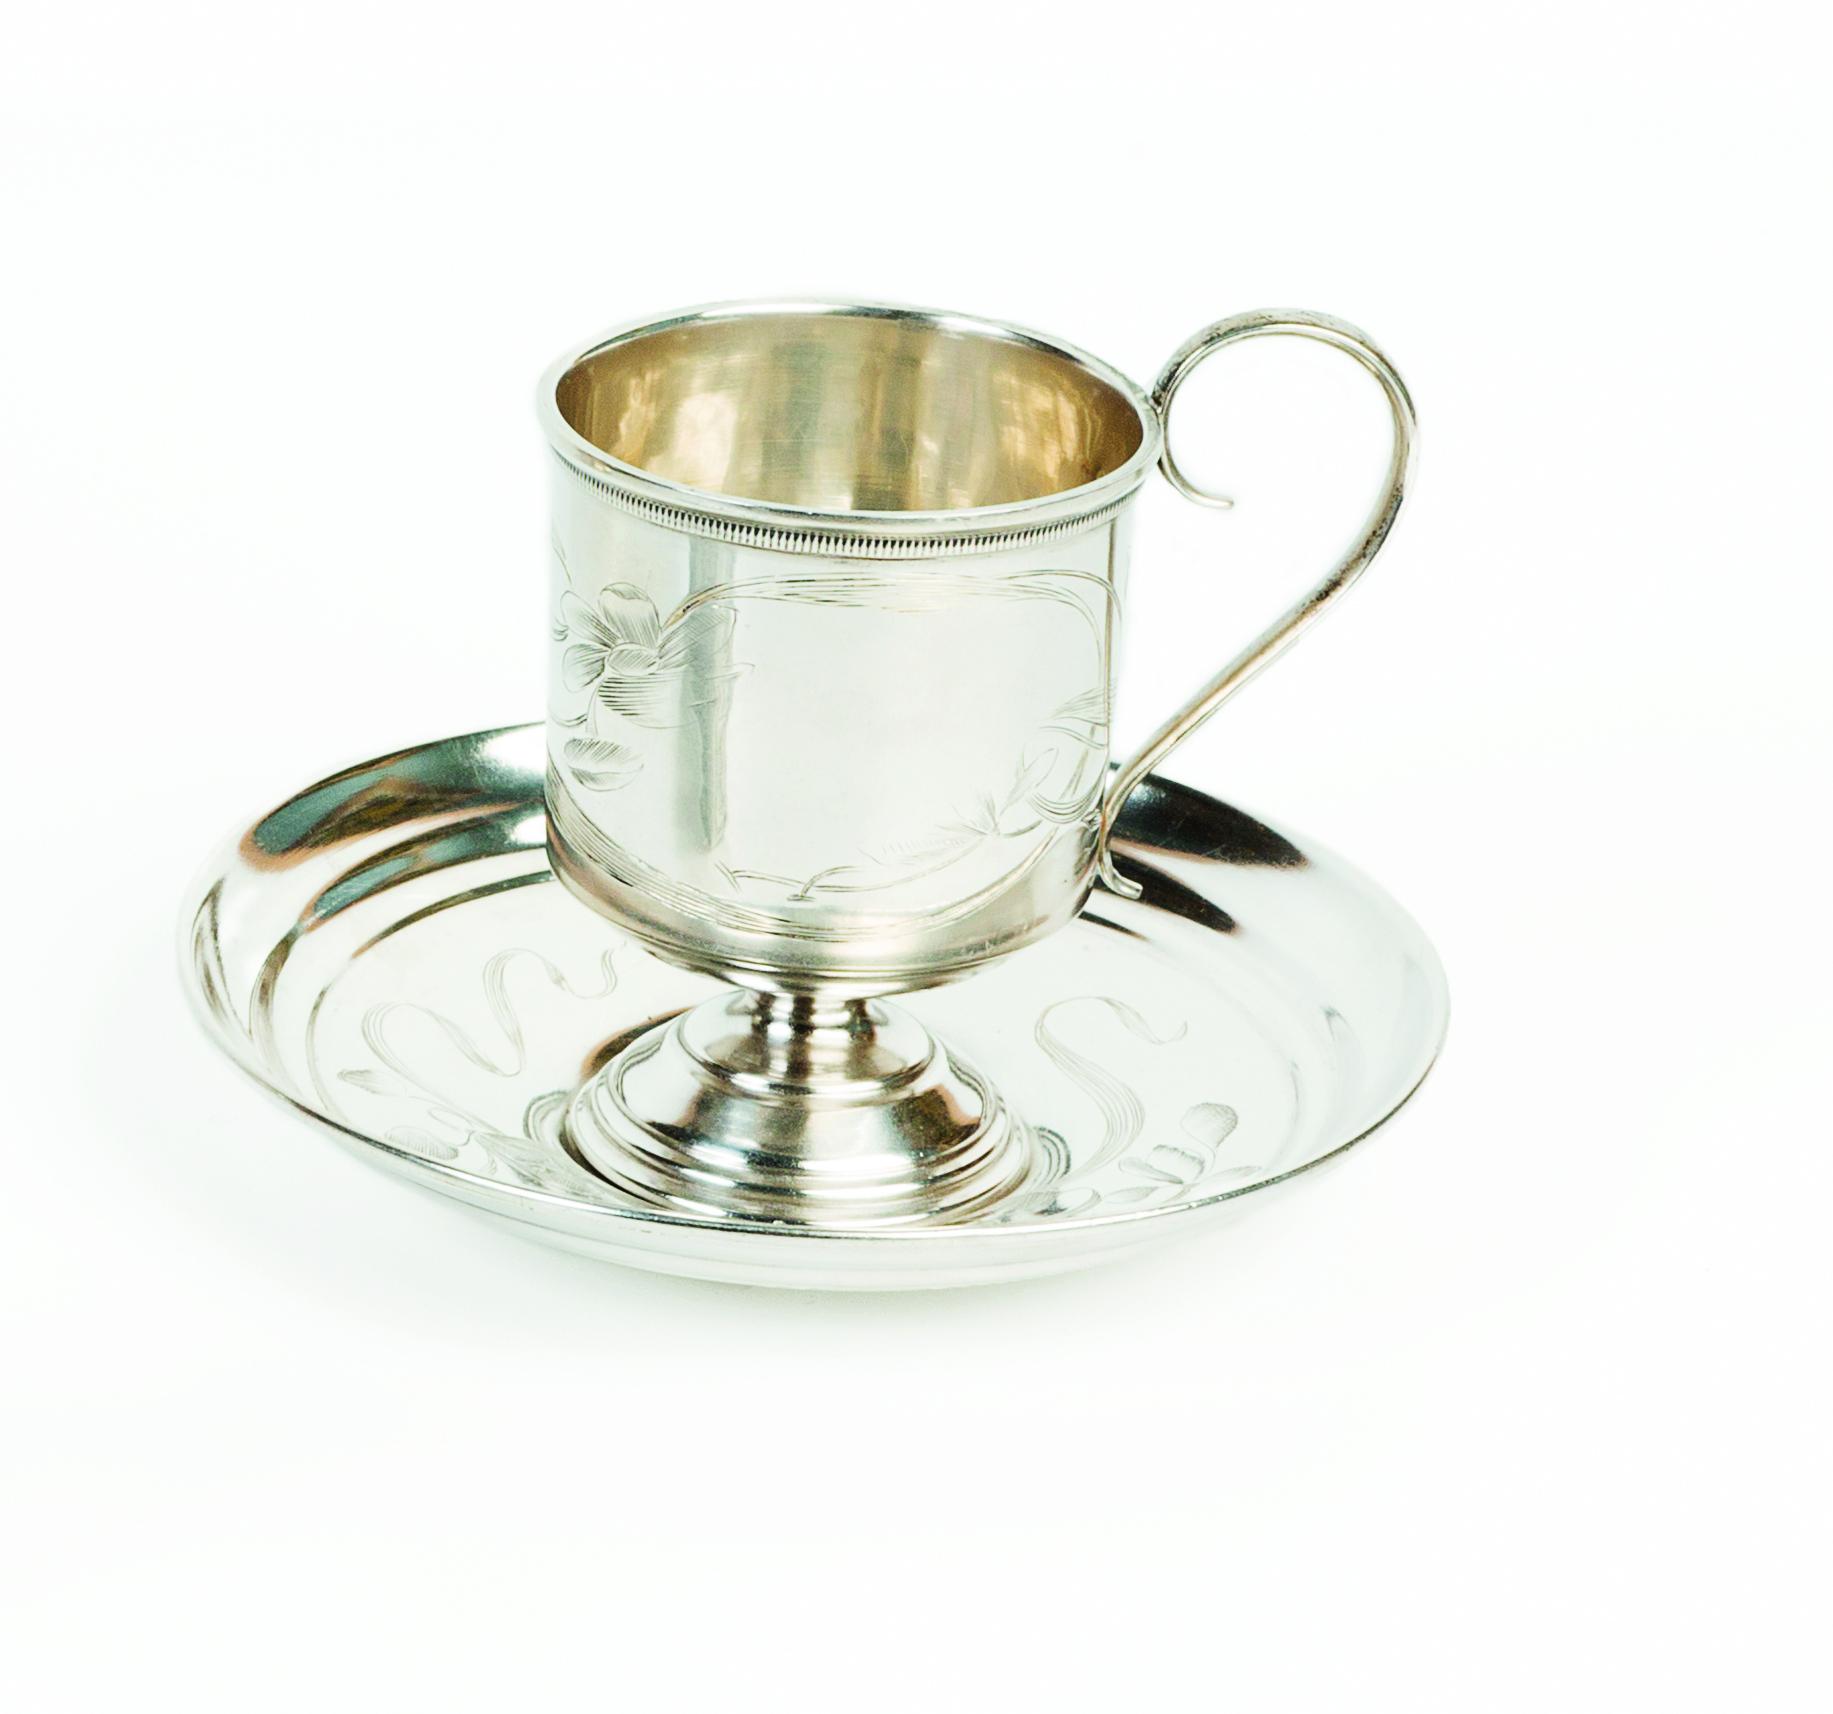 Tazzina e piattino in argento 840